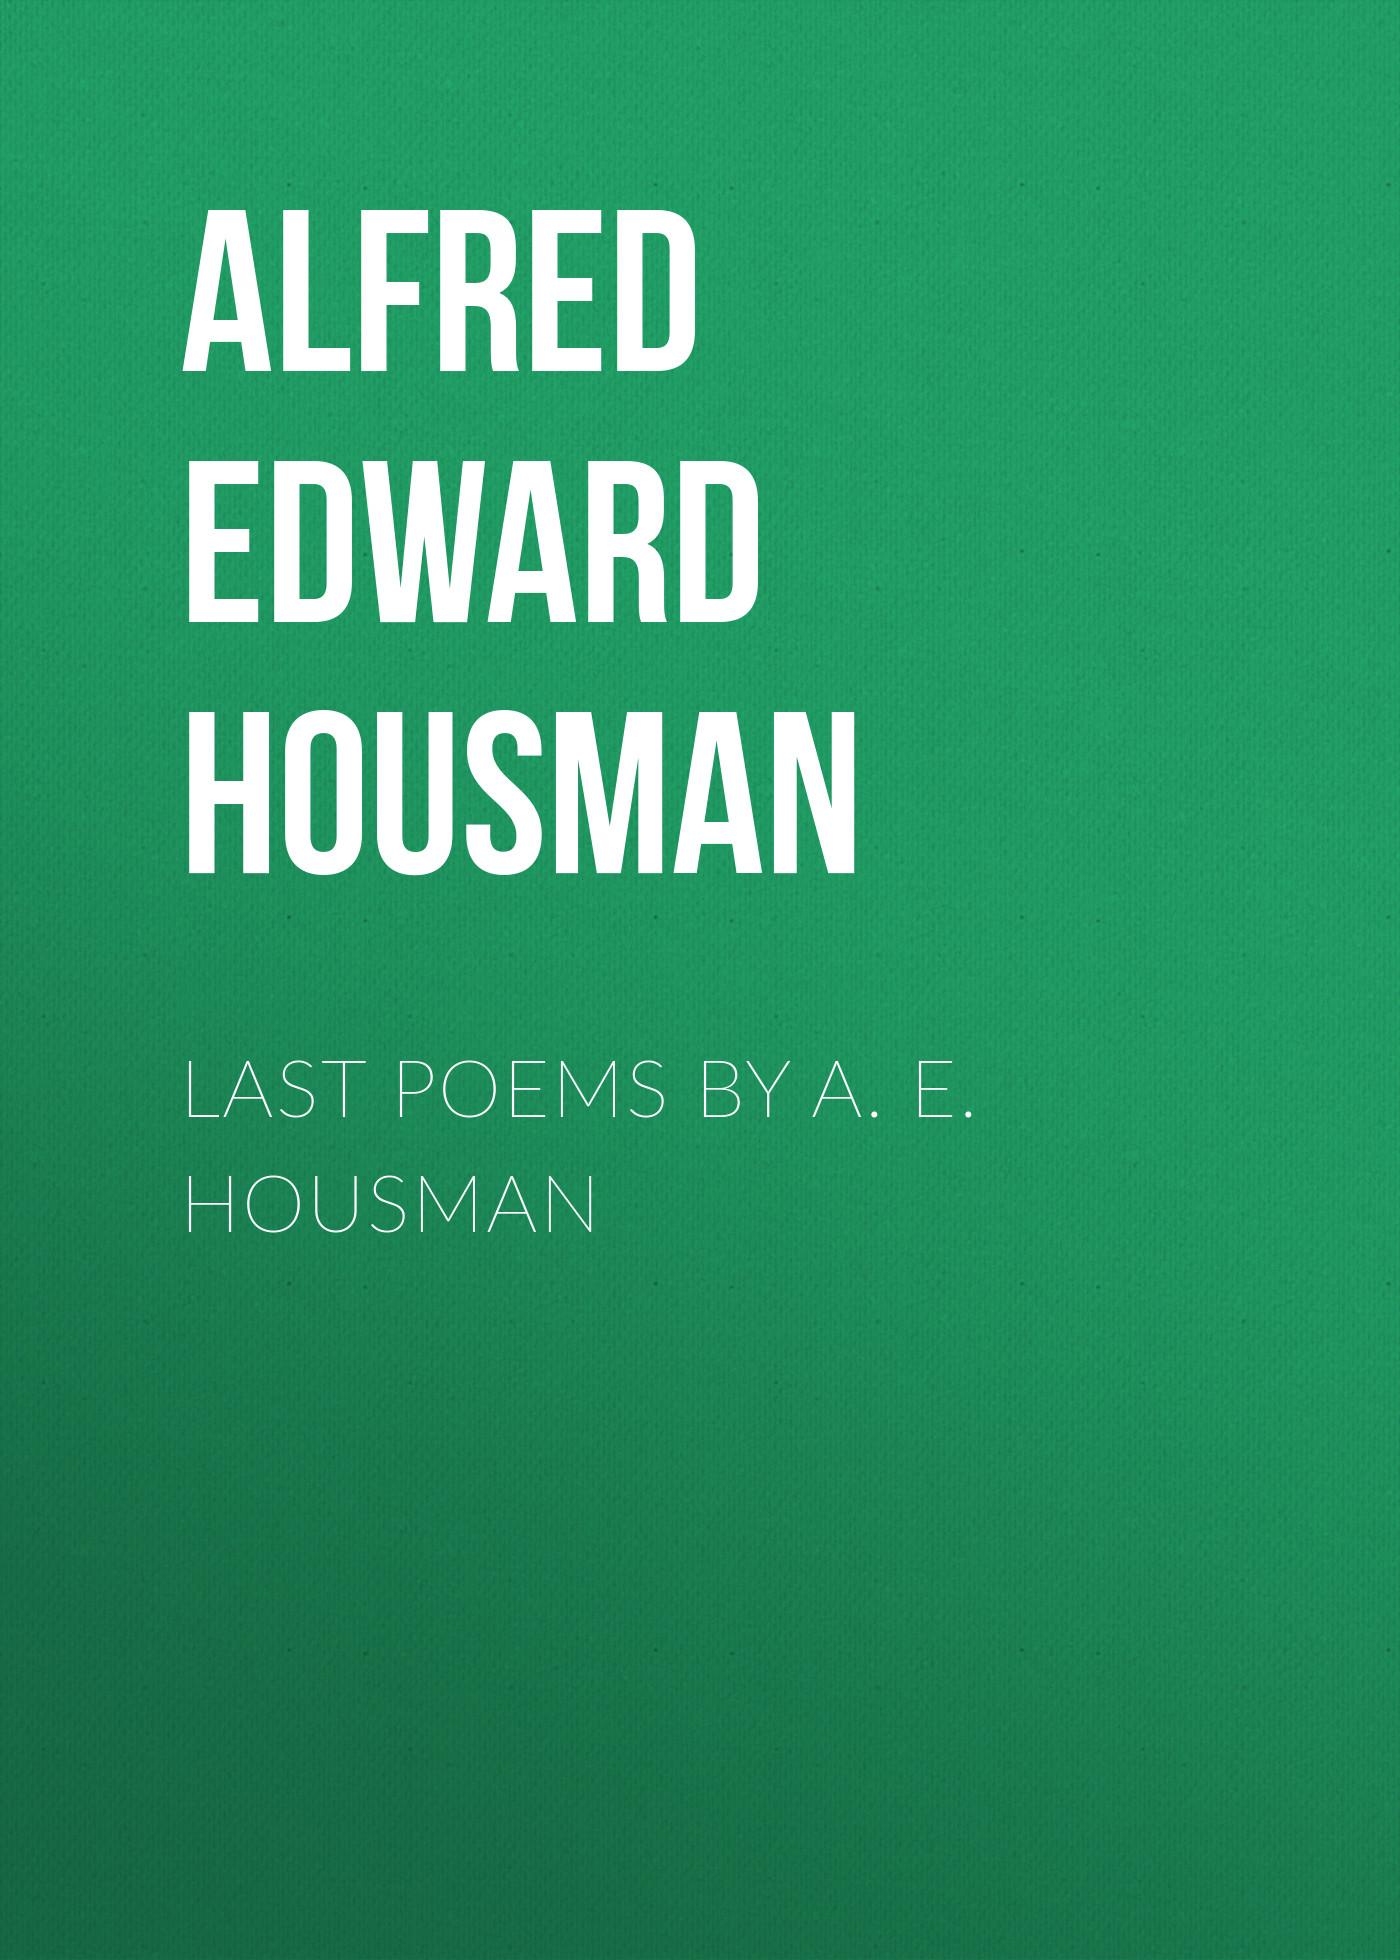 лучшая цена Alfred Edward Housman Last Poems by A. E. Housman